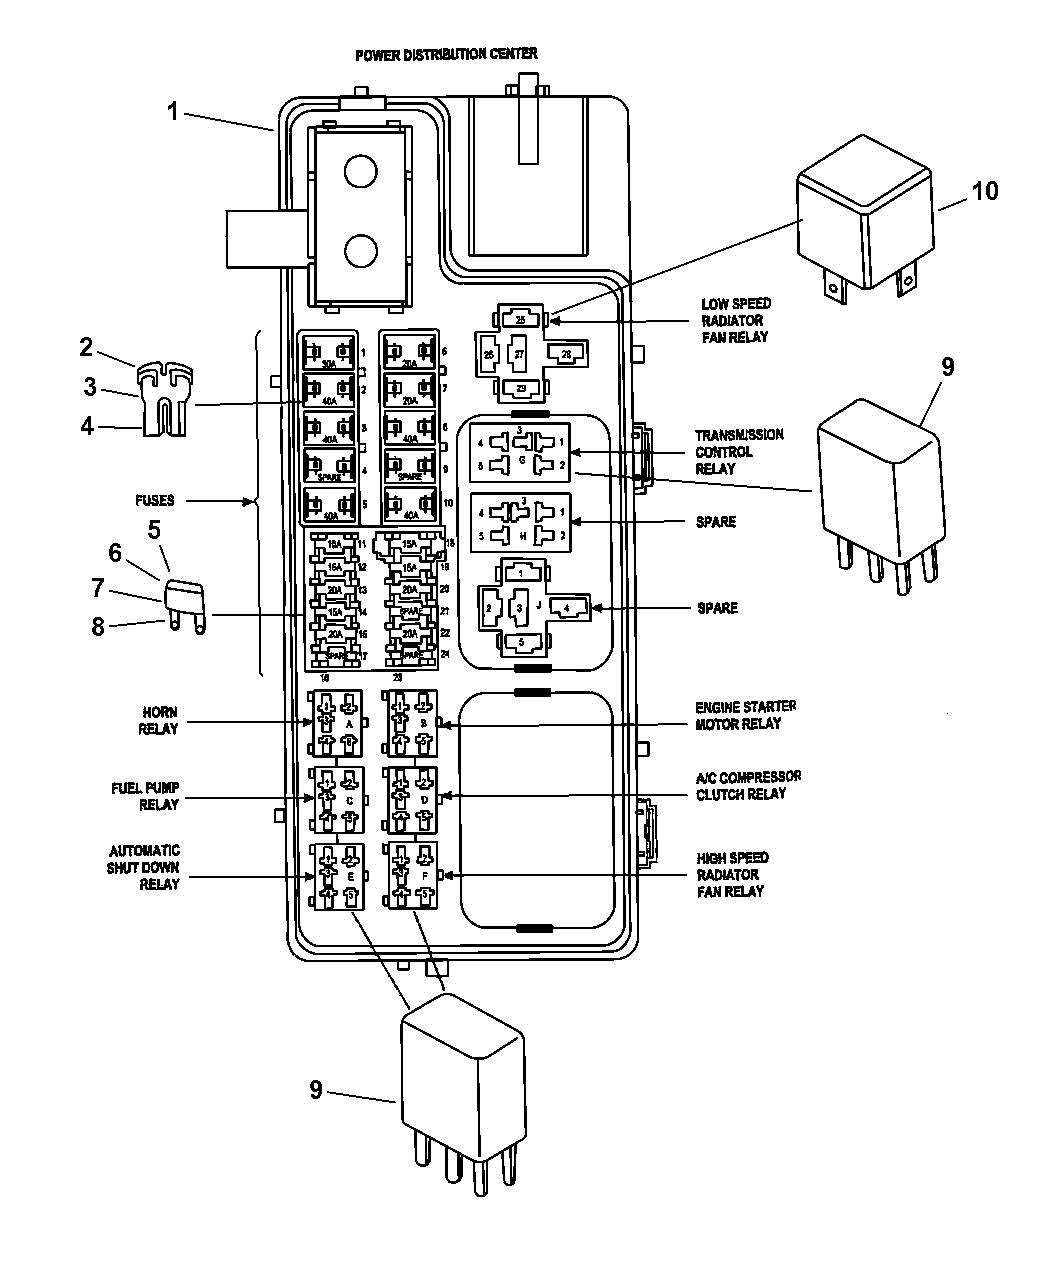 03 pt cruiser wiring diagram 2003 chrysler pt cruiser relays  fuses power distribution center  2003 chrysler pt cruiser relays  fuses